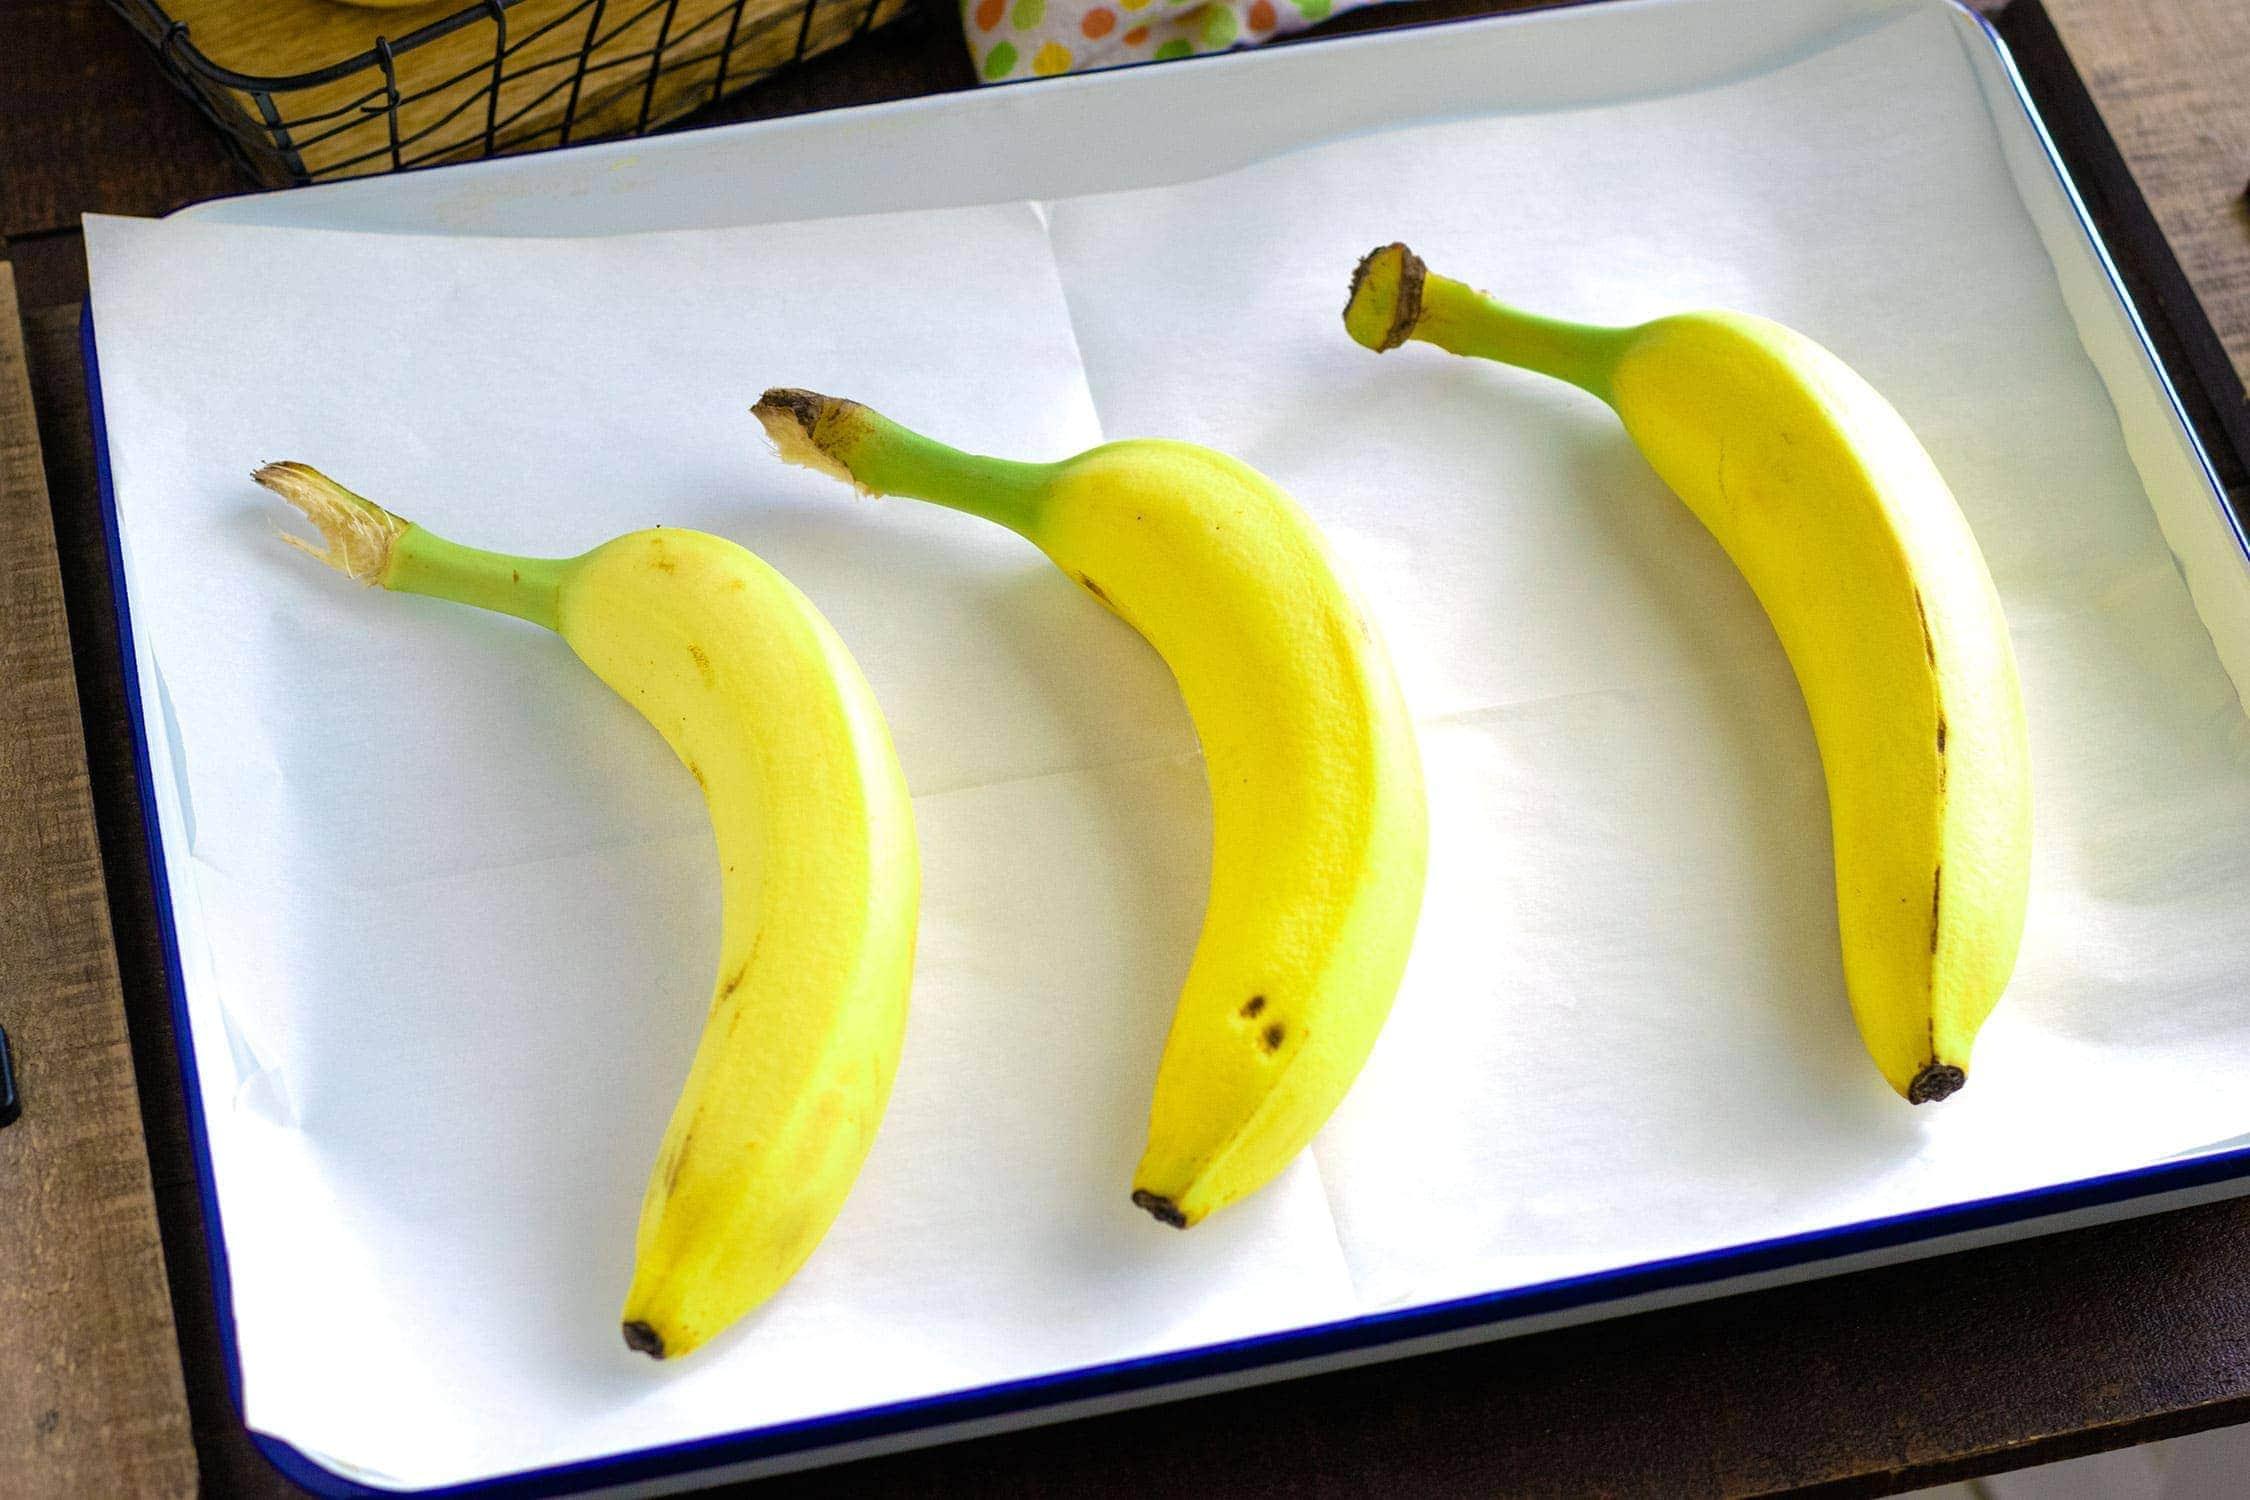 Three yellow bananas on a baking sheet